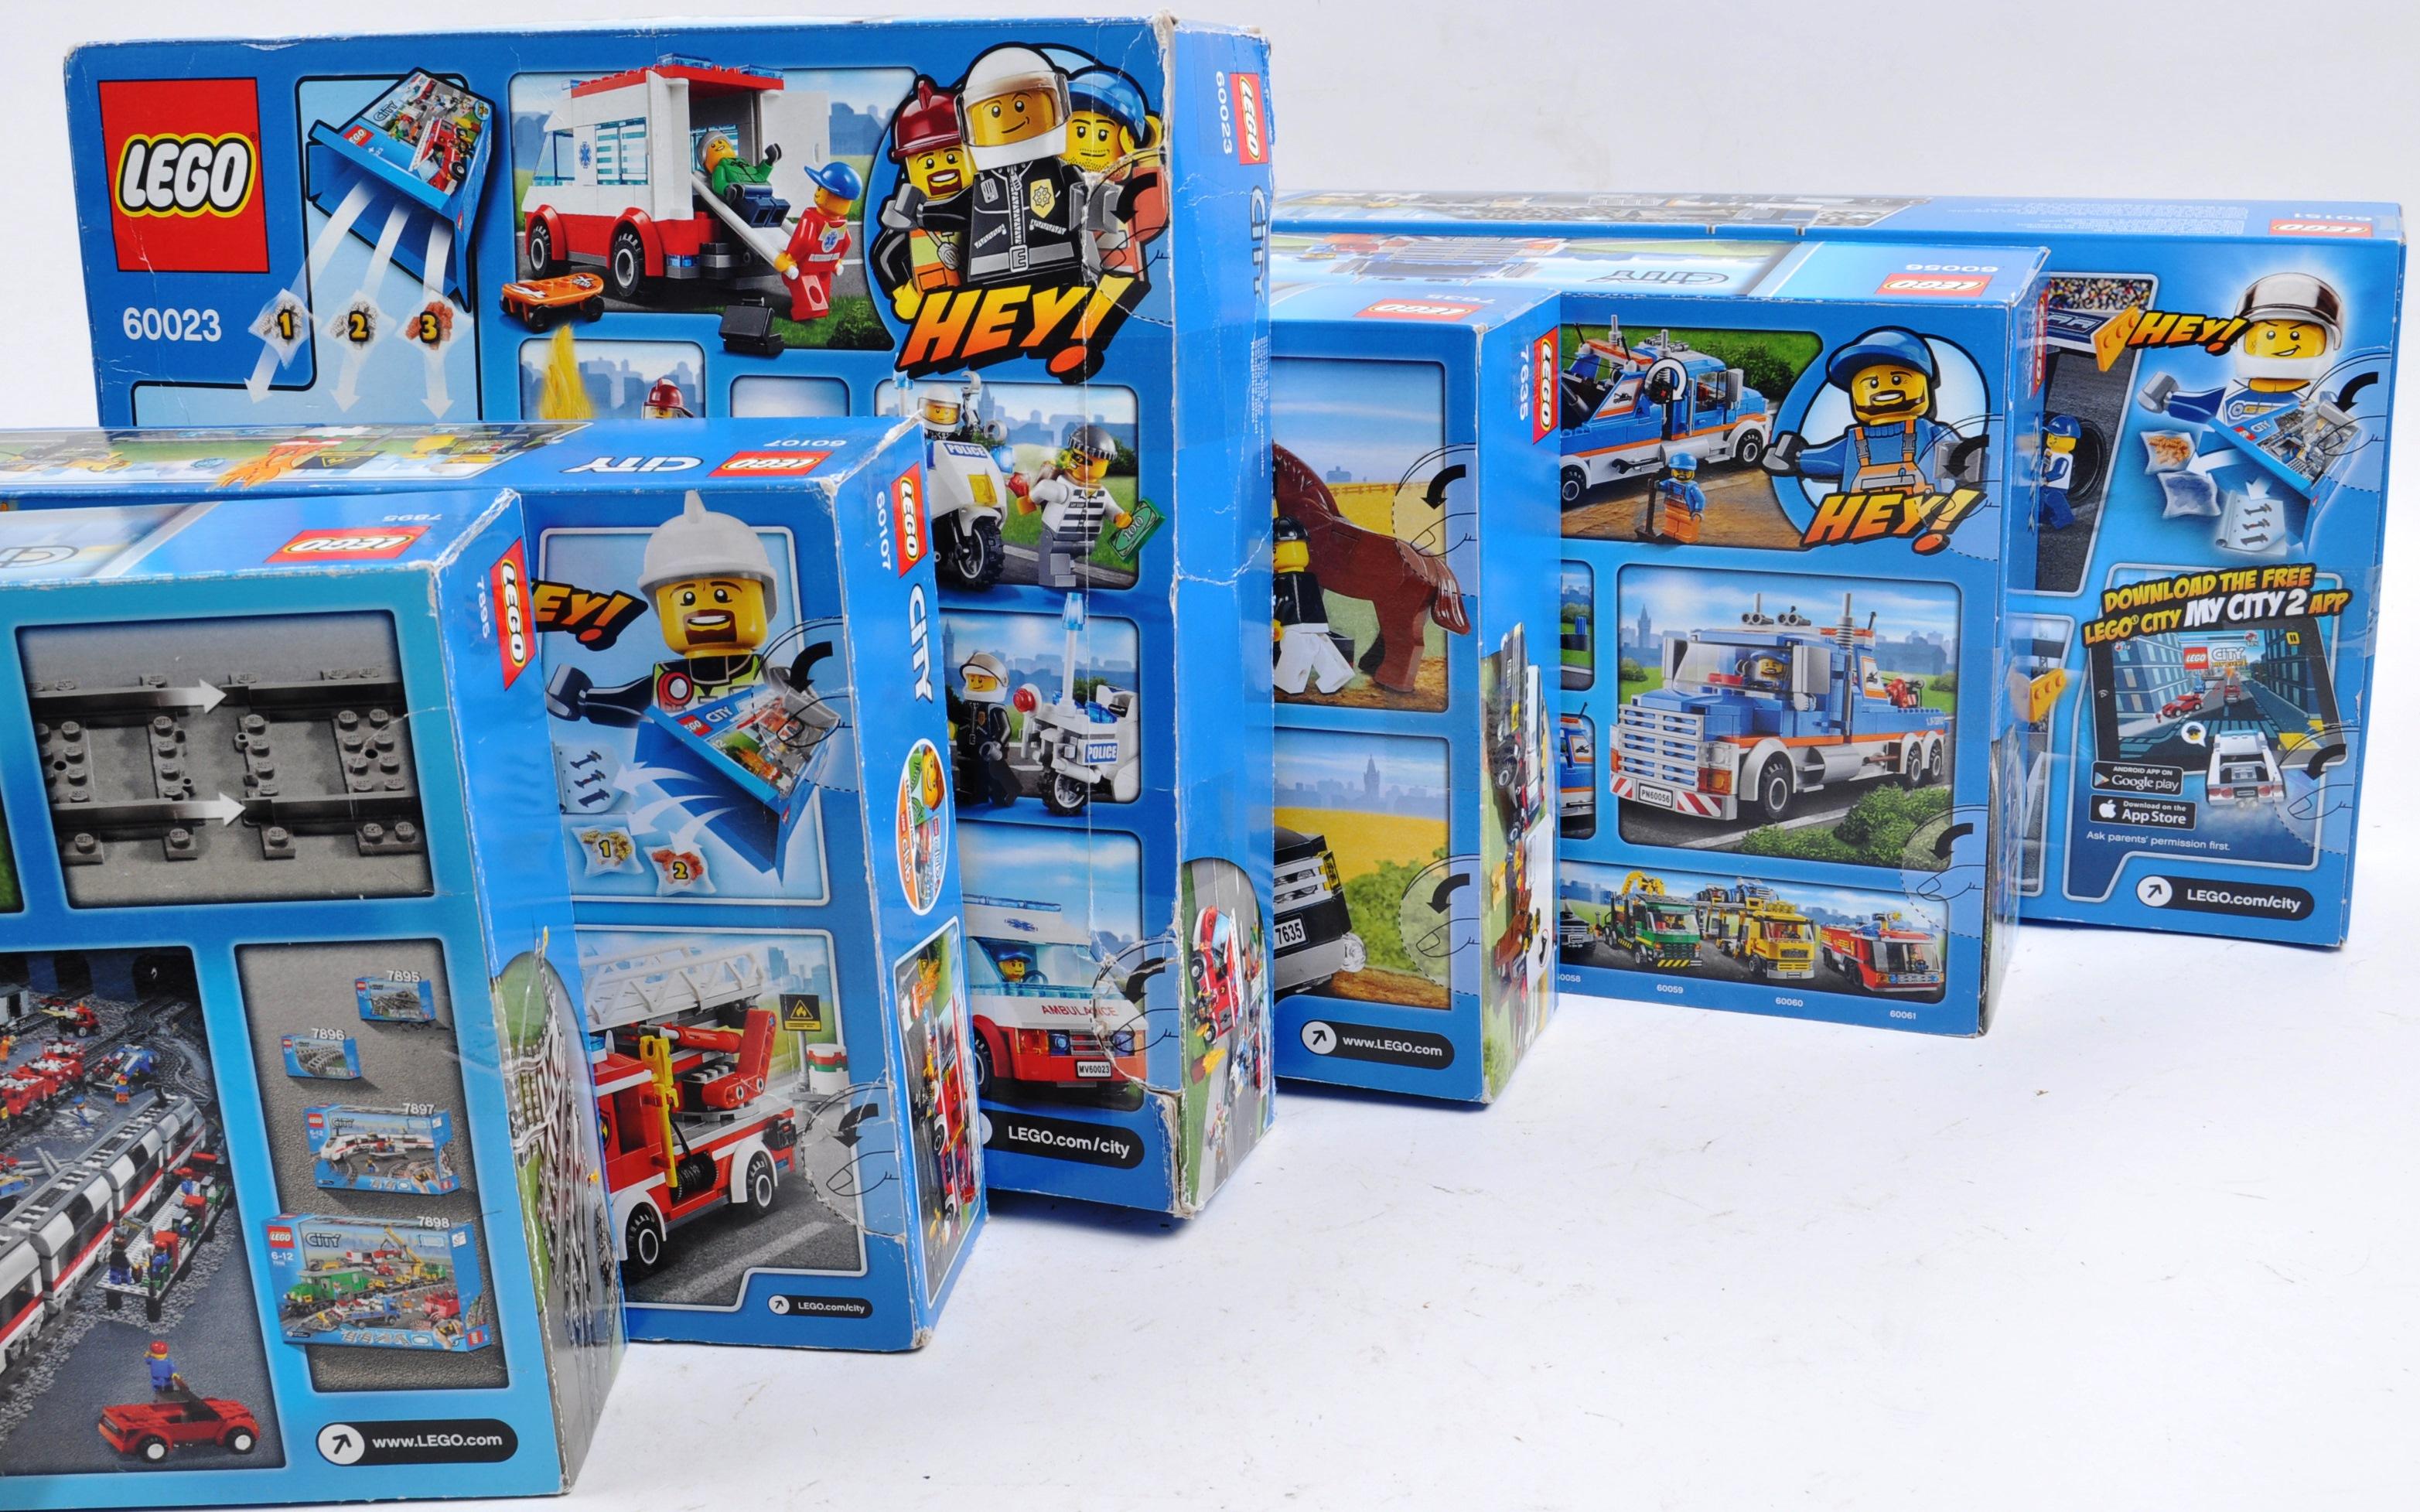 LEGO SETS - LEGO CITY - 7635 / 7895 / 60023 / 60056 / 60107 / 60151 - Image 3 of 3